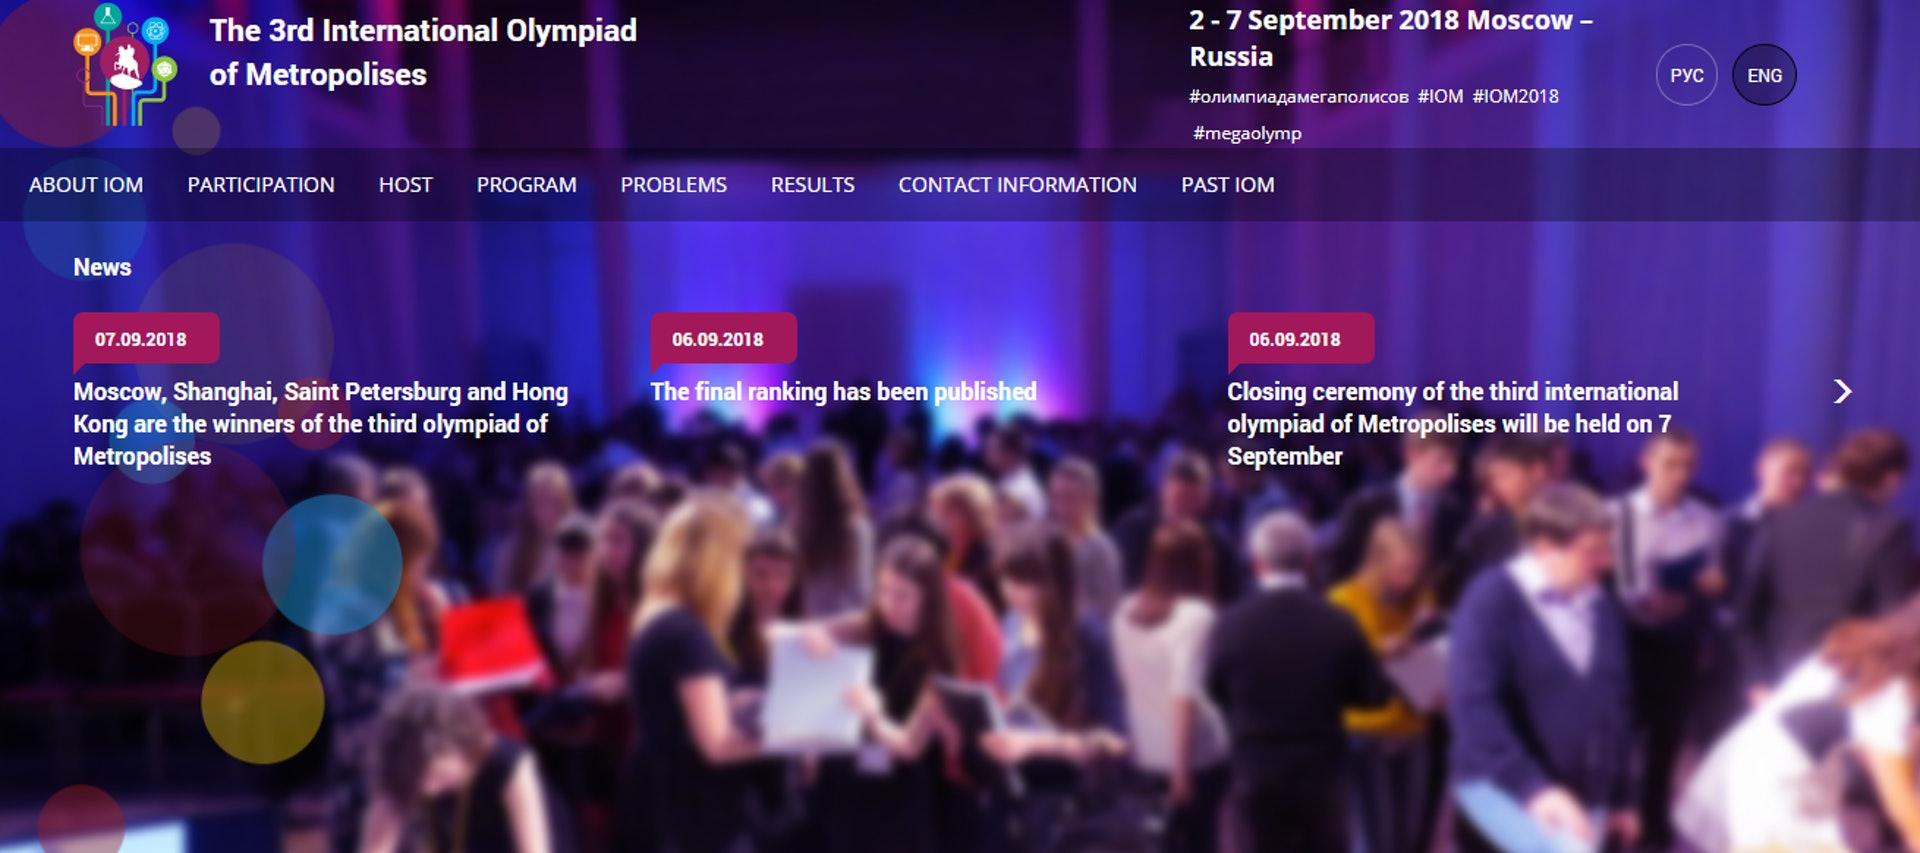 第3屆「國際大都會奧林匹克」於俄羅斯莫斯科舉行。(國際大都會奧林匹克網頁截圖)